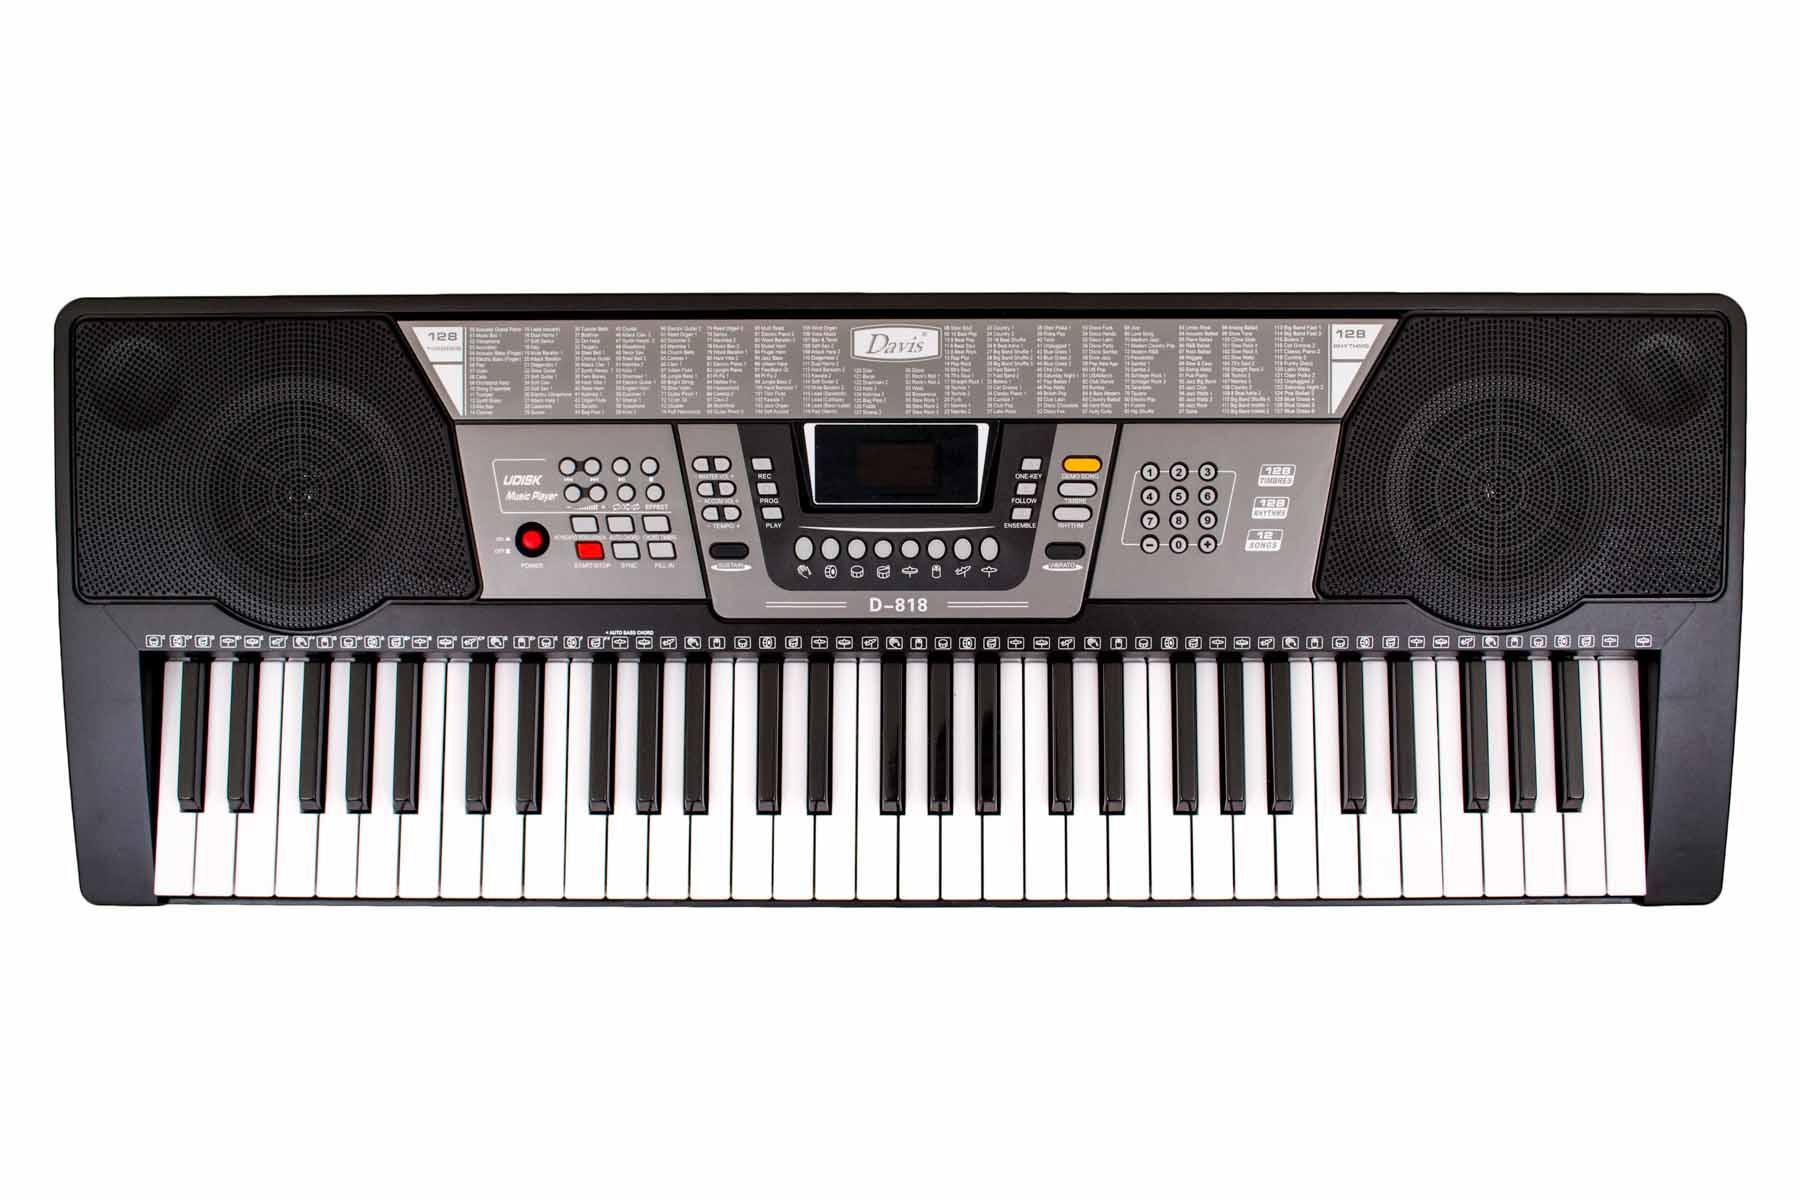 Davis Musical Instruments-D-818_0